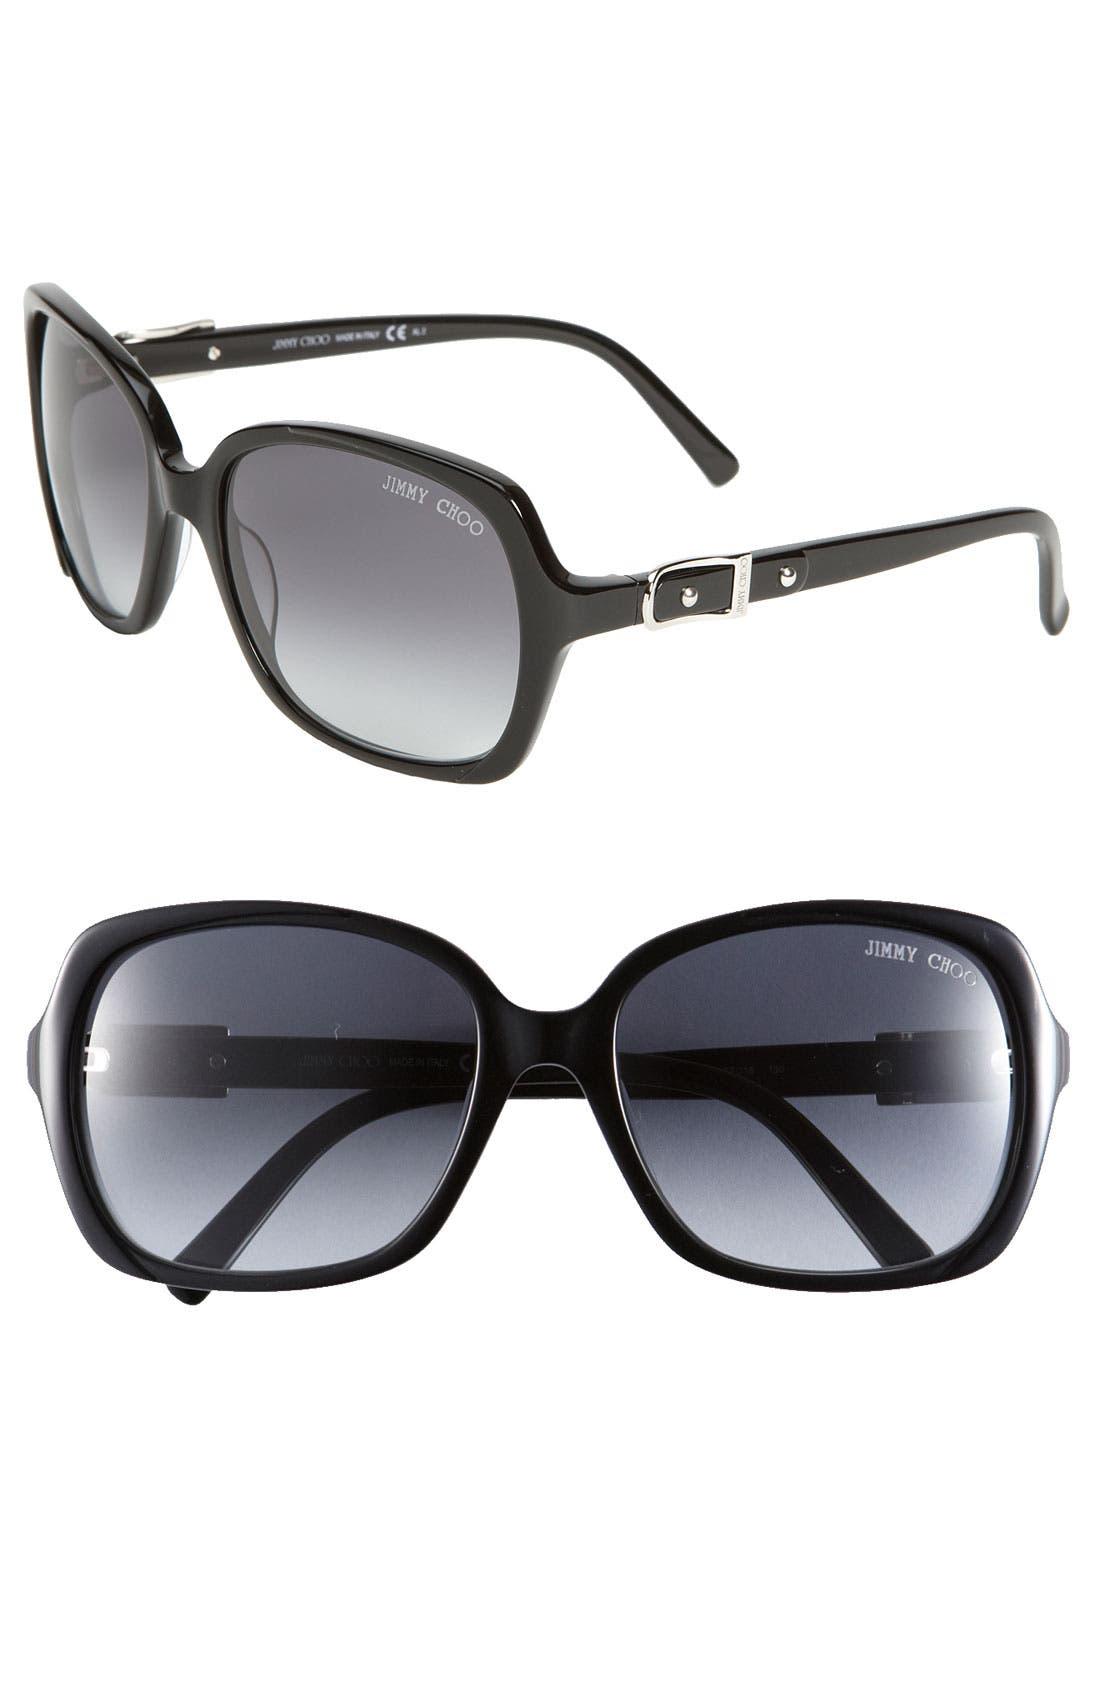 Main Image - Jimmy Choo 'Lela' Oversized Square Sunglasses